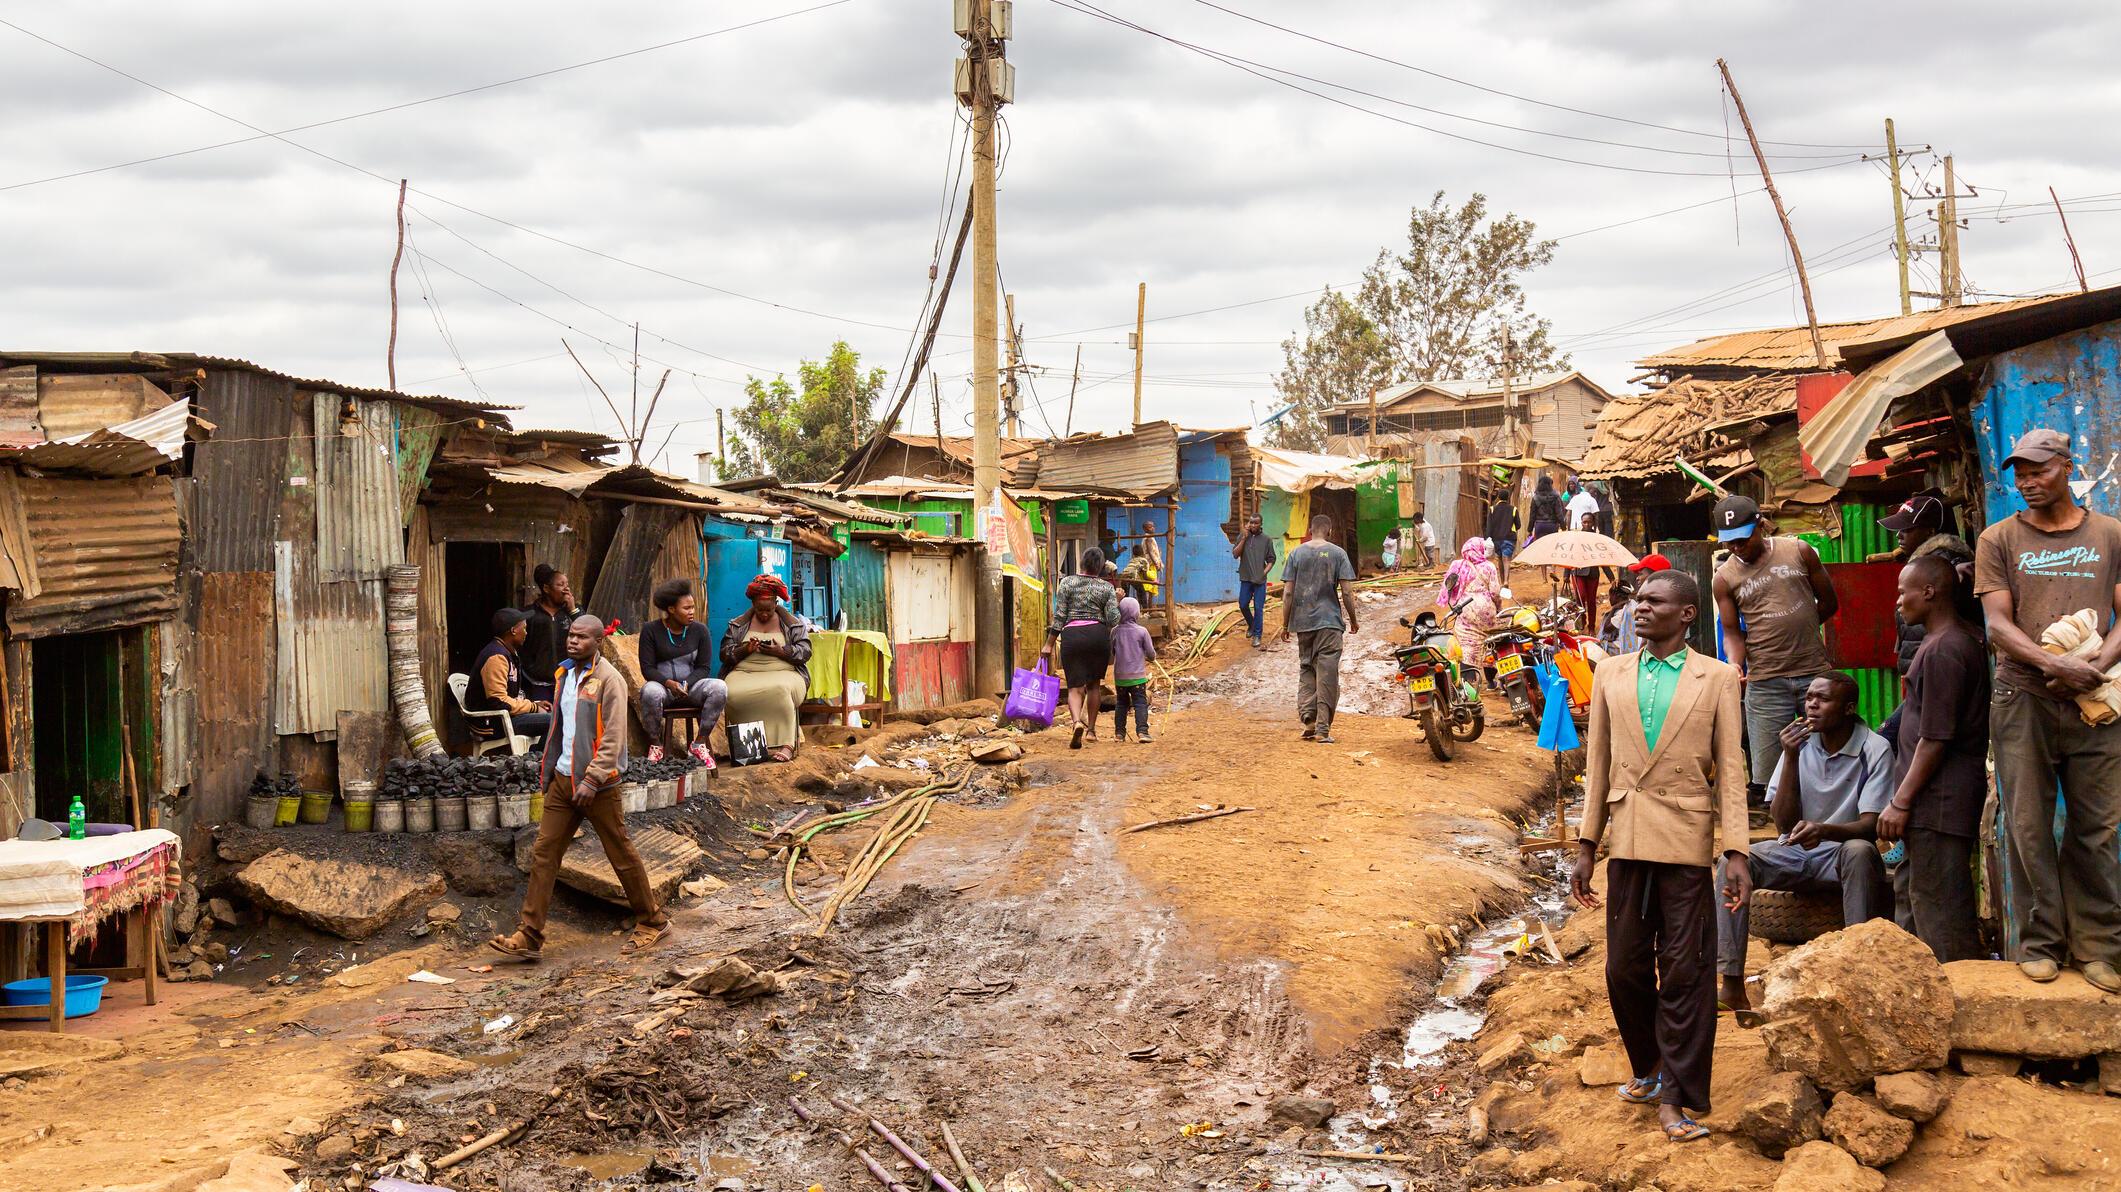 Nairobi, Kenya - August, 2019: Kibera slum in Nairobi in summer. Kibera is the biggest slum in Africa. Slums in Nairobi, Kenya